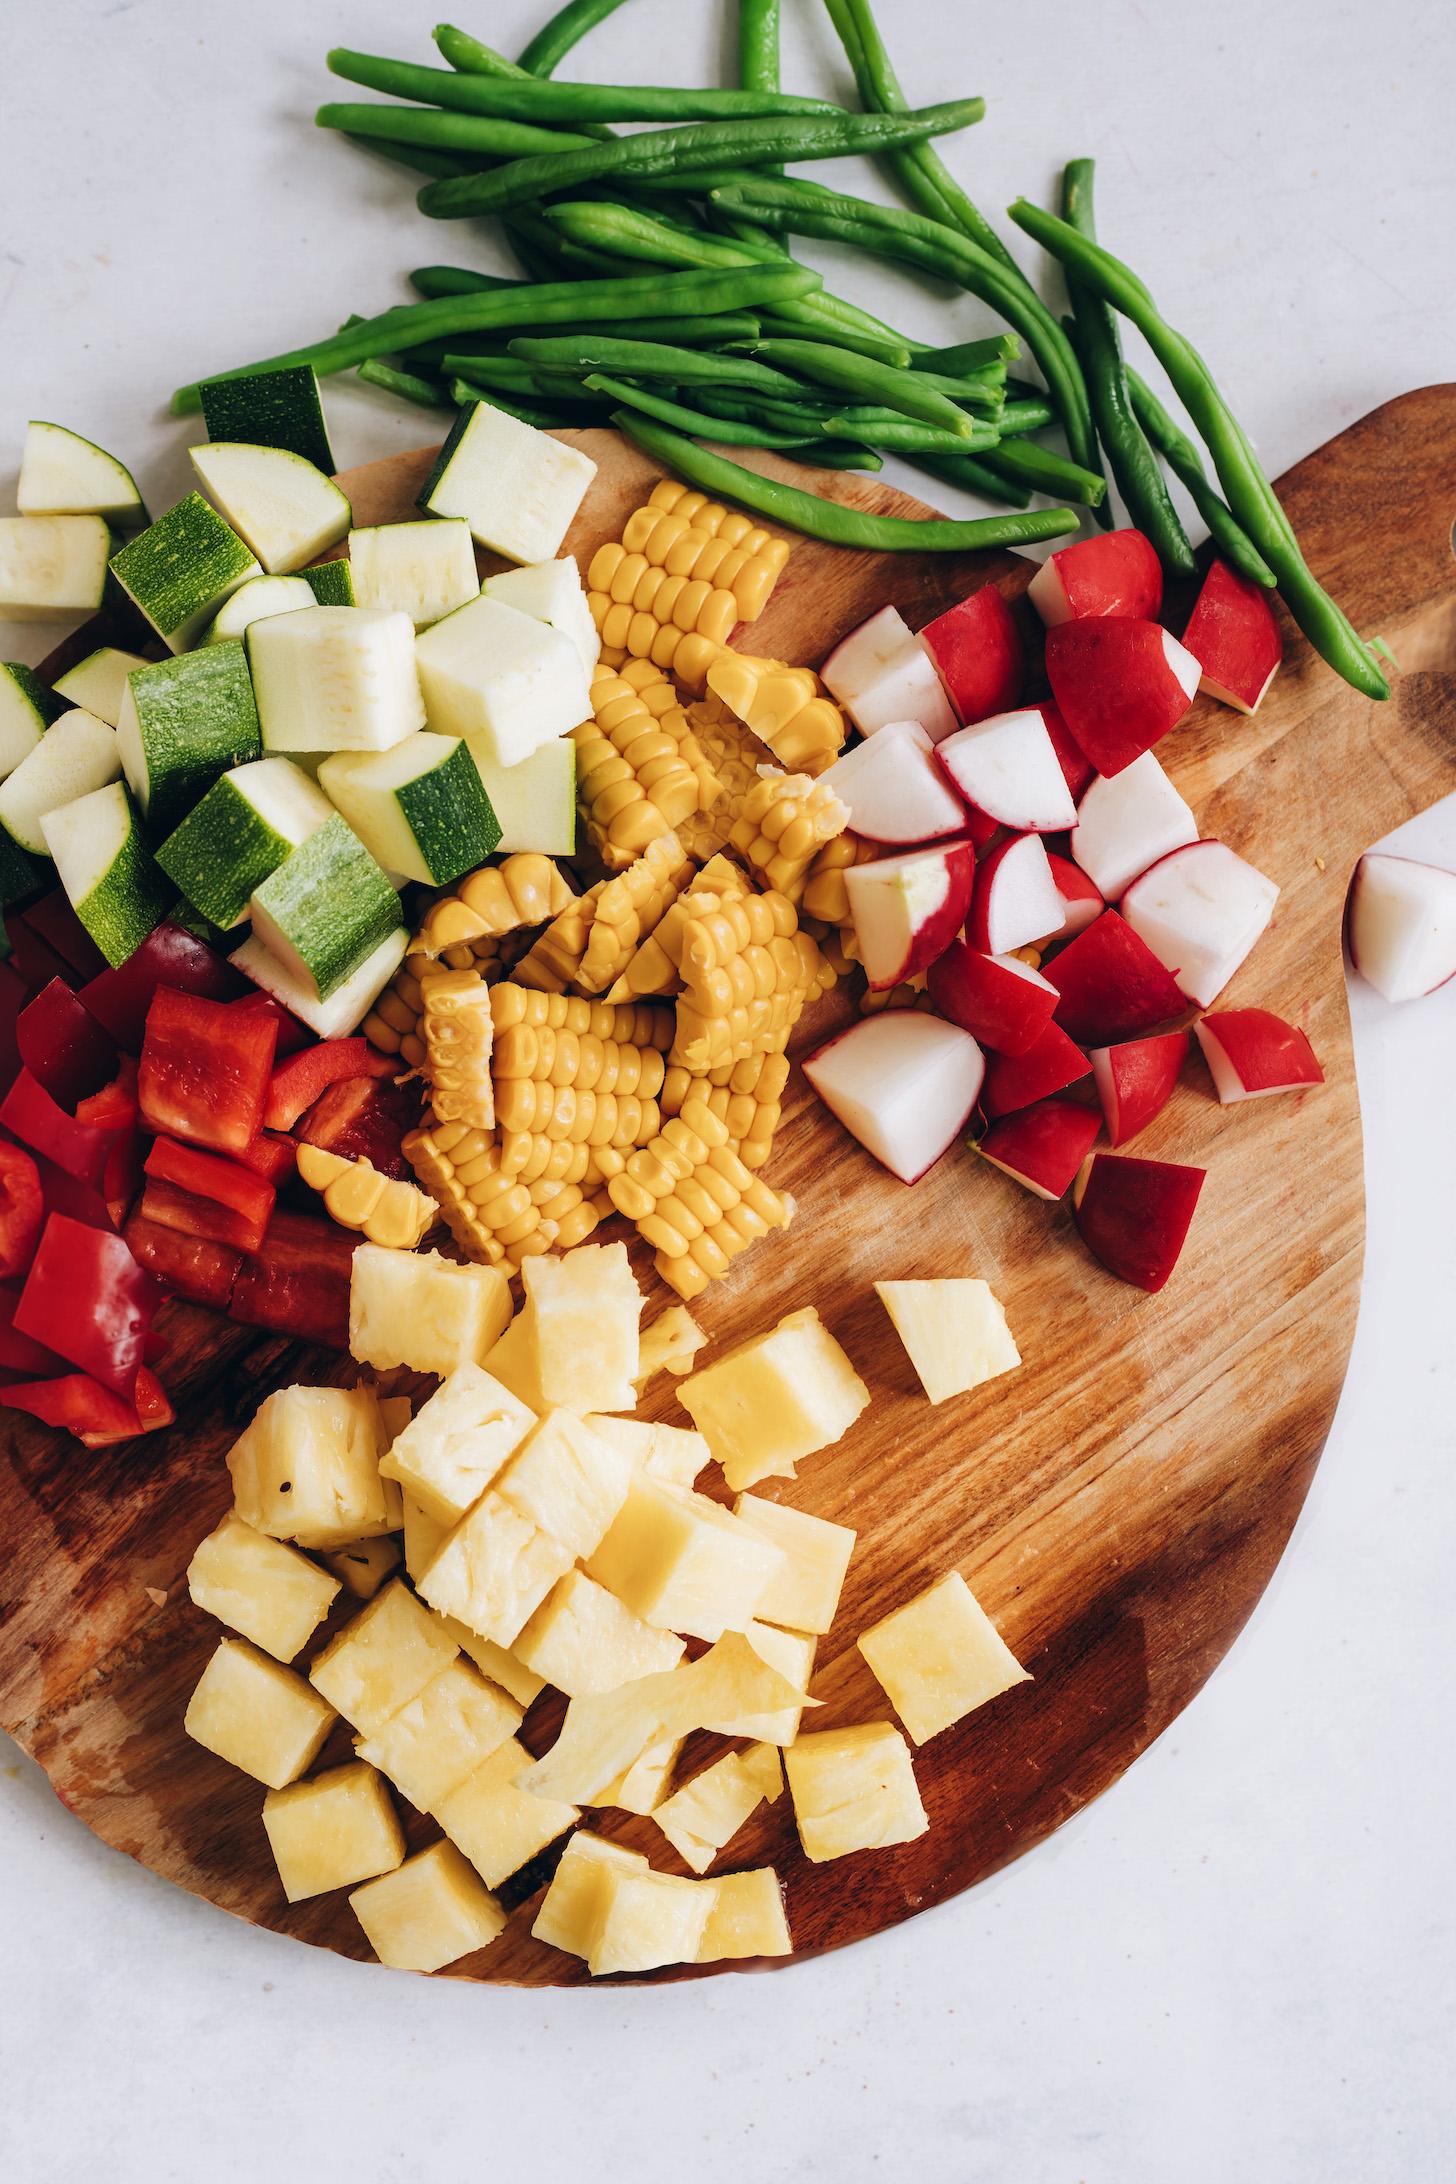 Vágódeszka friss zöldbabbal, cukkini, piros kaliforniai paprika, kukorica, retek és ananász